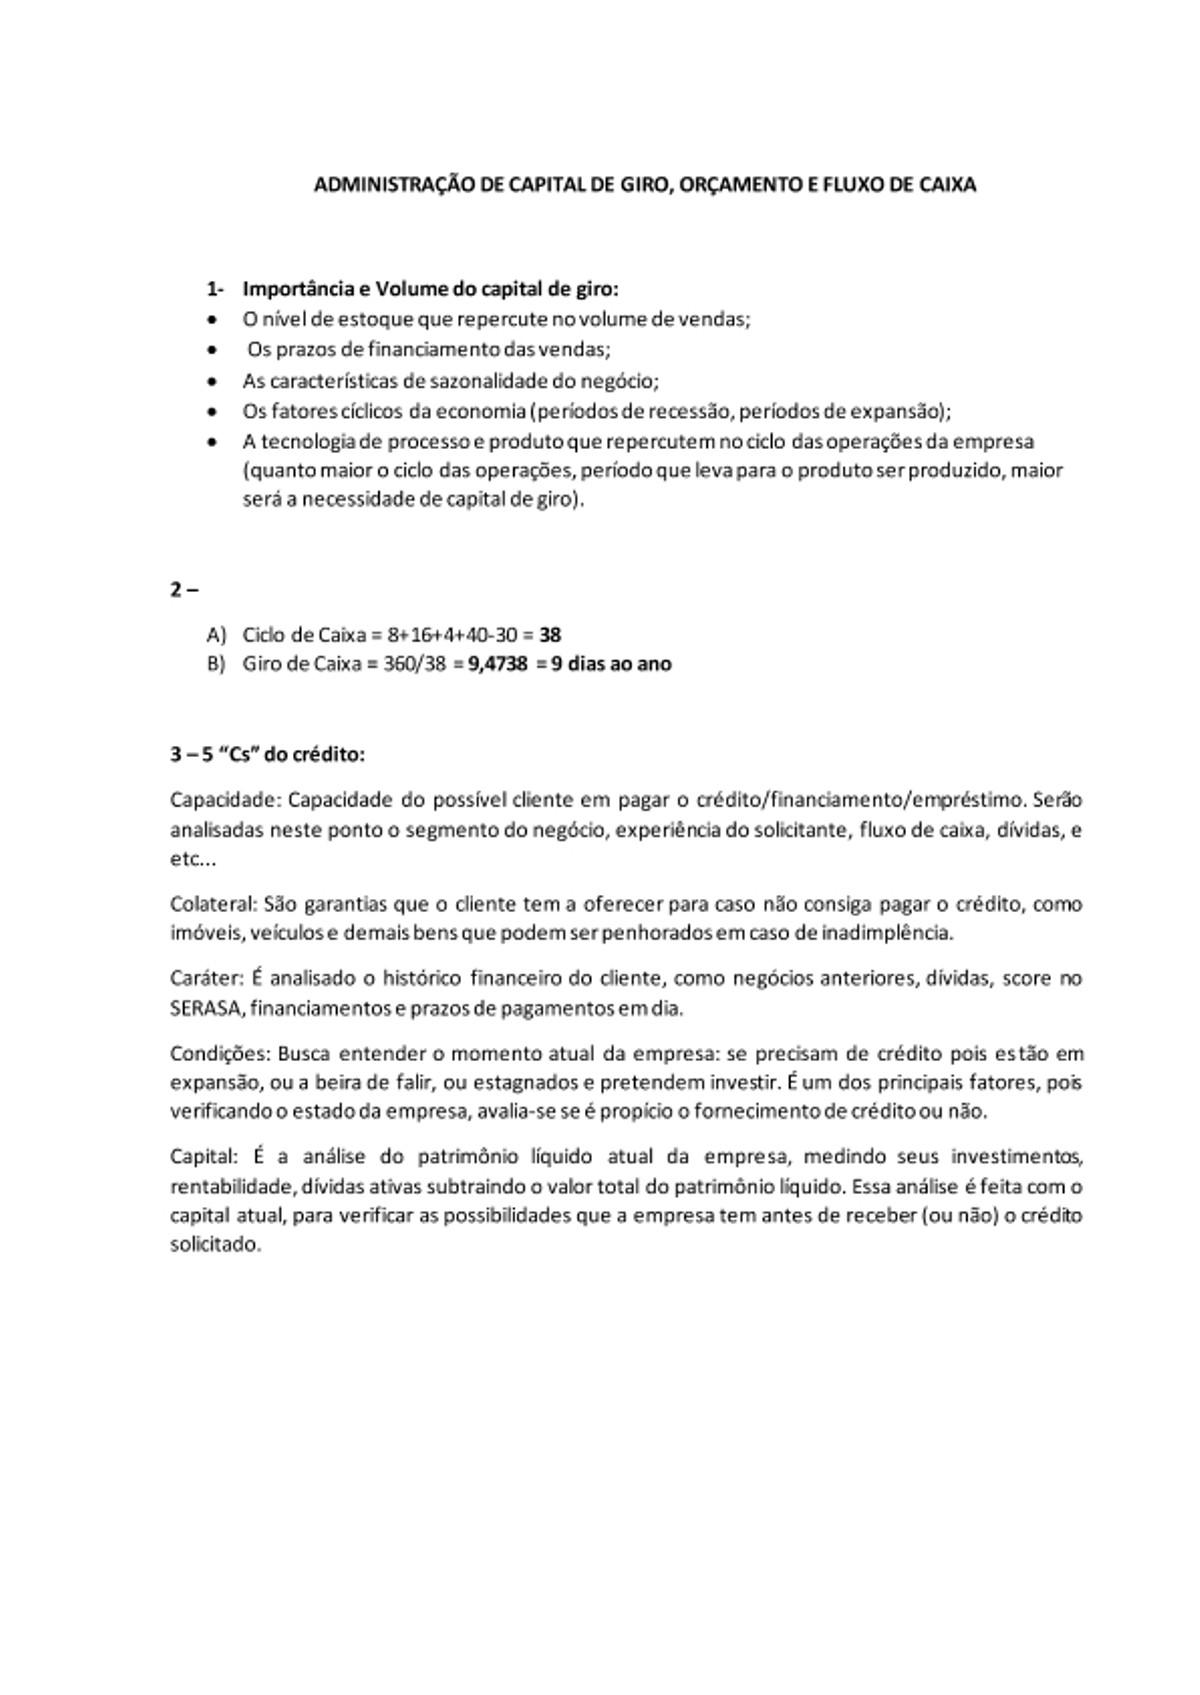 Pre-visualização do material ADMINISTRAÇÃO DE CAPITAL DE GIRO - página 1